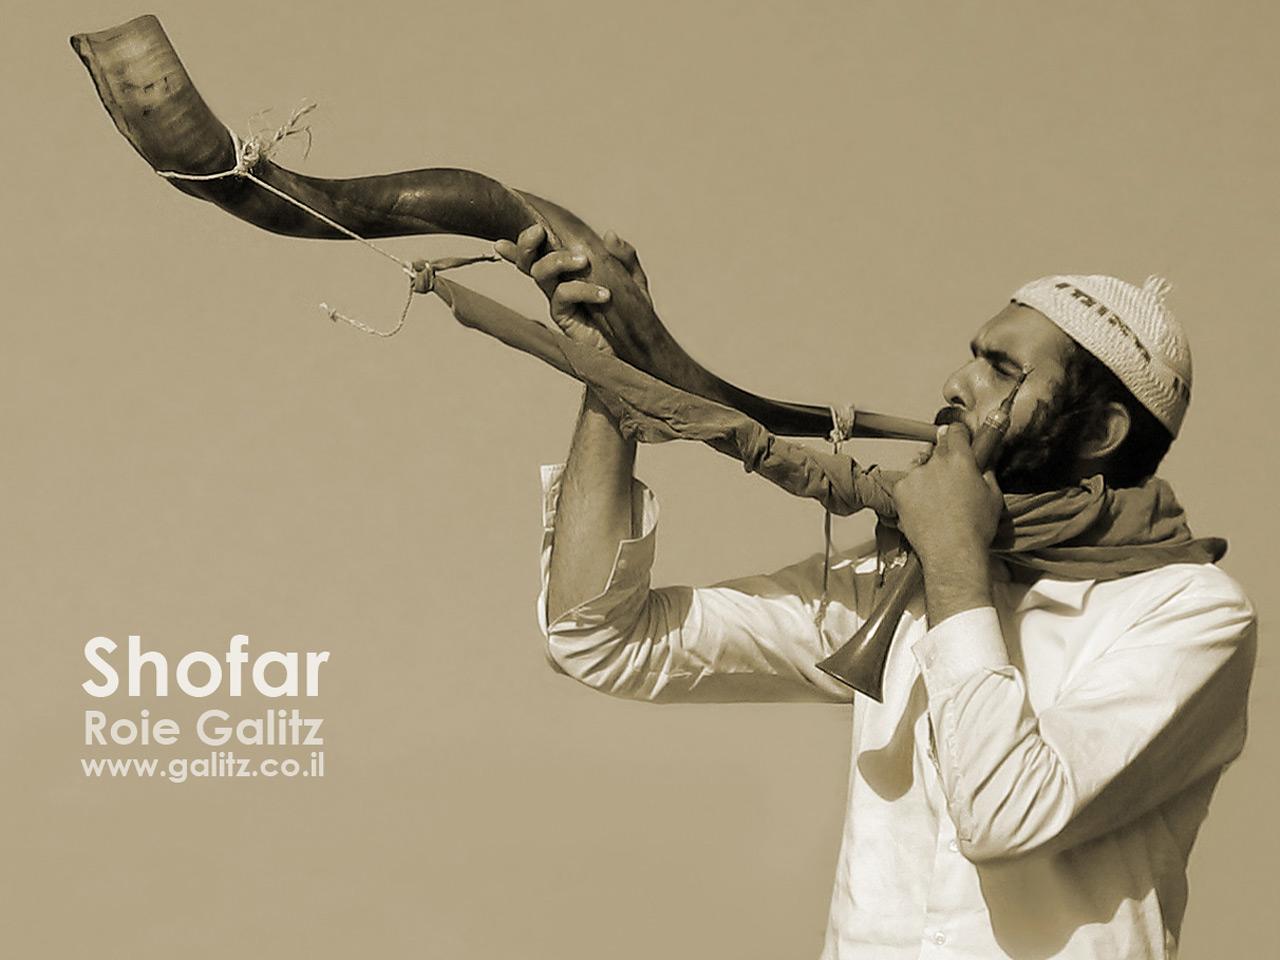 ROSH AHSHANÀ - CAPODANNO EBRAICO 9-10 SETTEMBRE 2010 dans EBRAISMO: LE FESTIVITÀ shofar1280